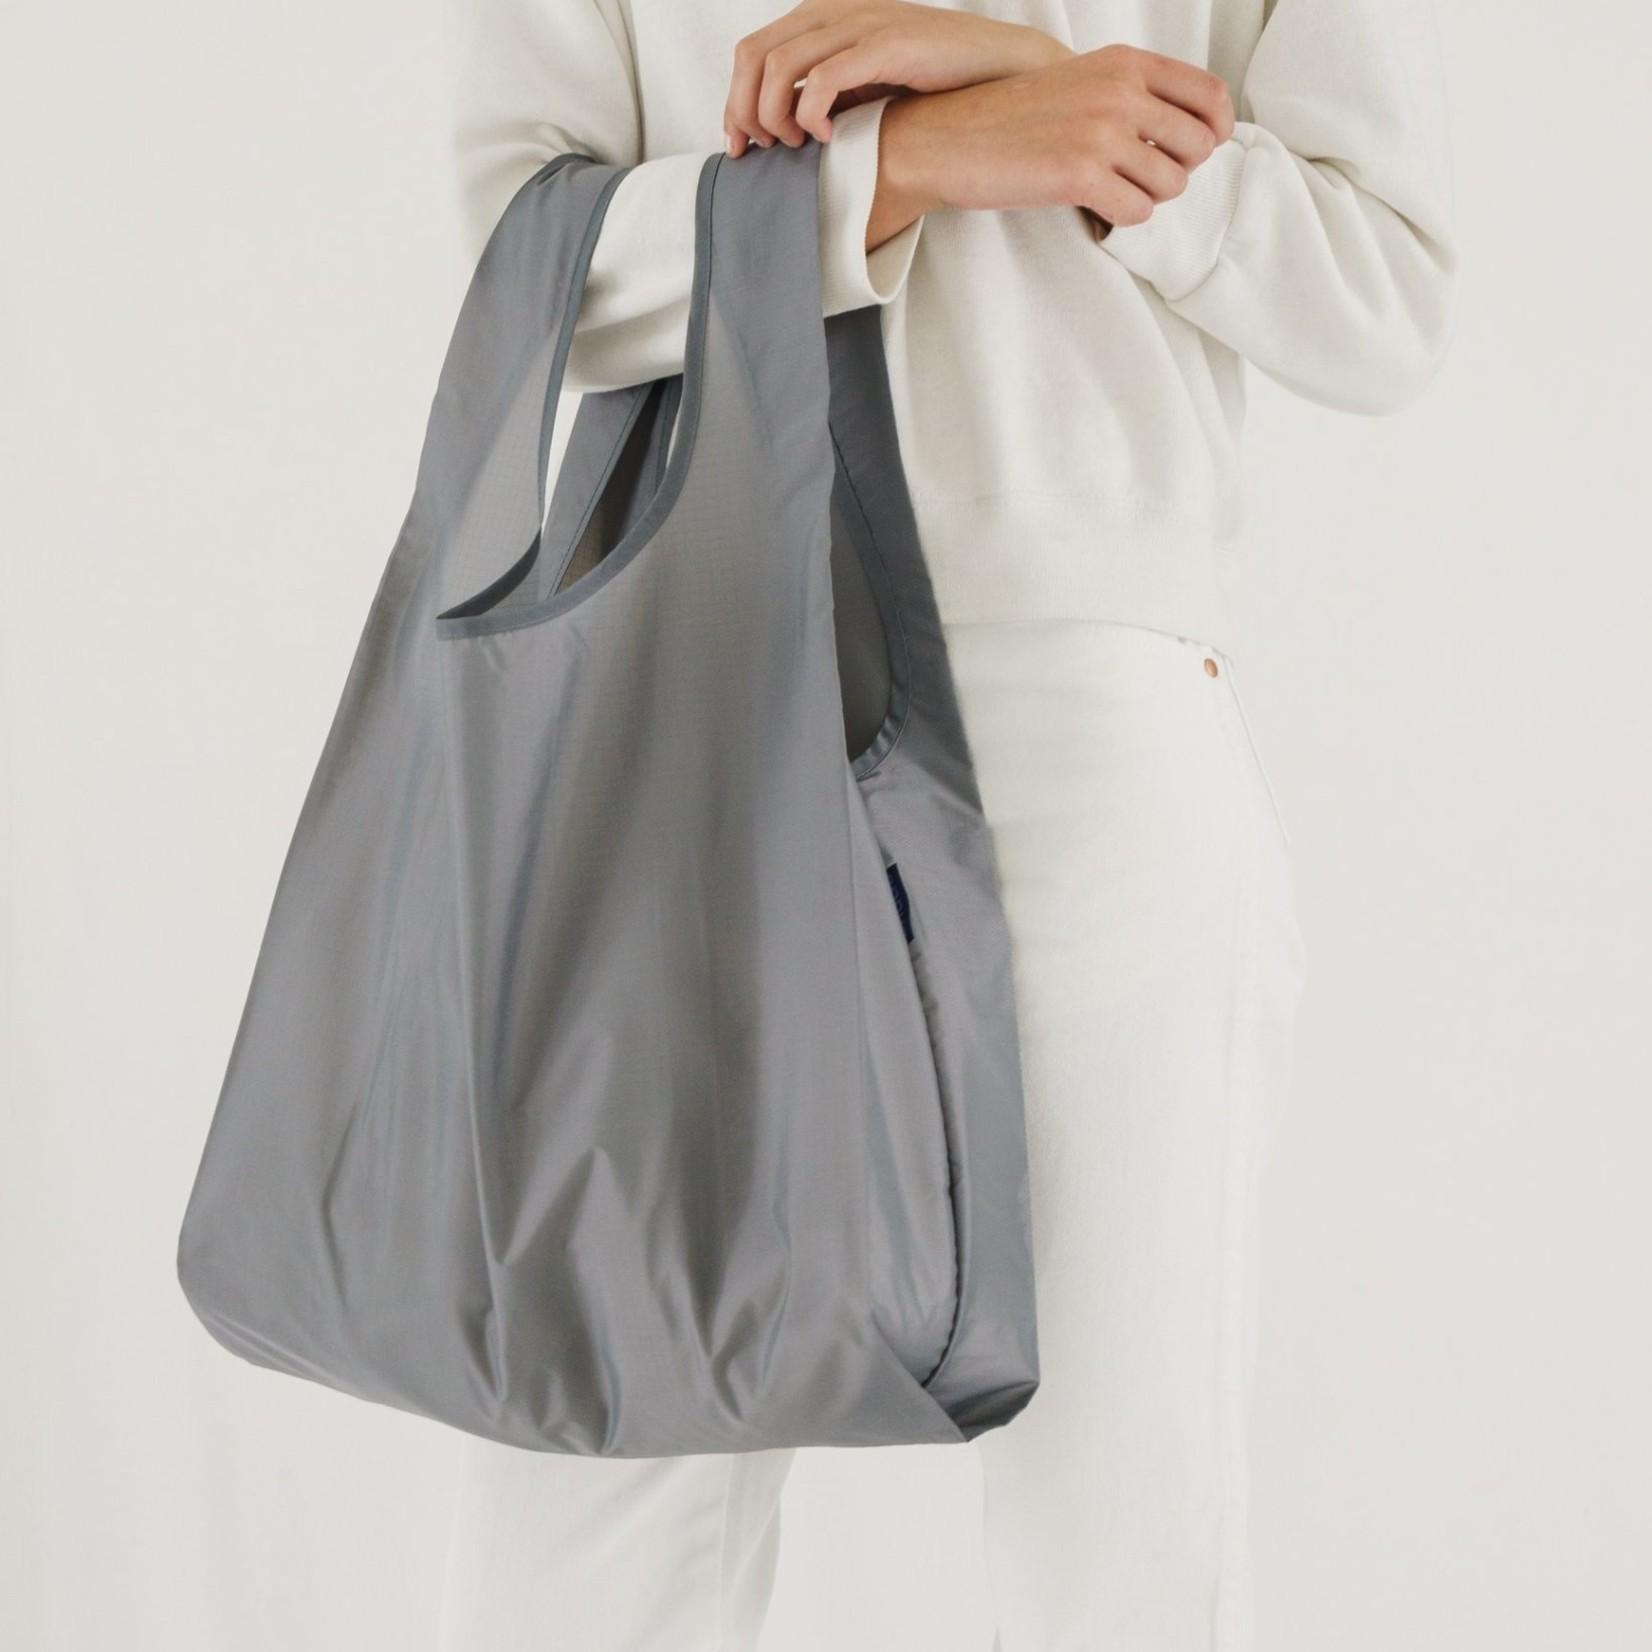 Baggu Baggu Reusable Bag Standard Grey